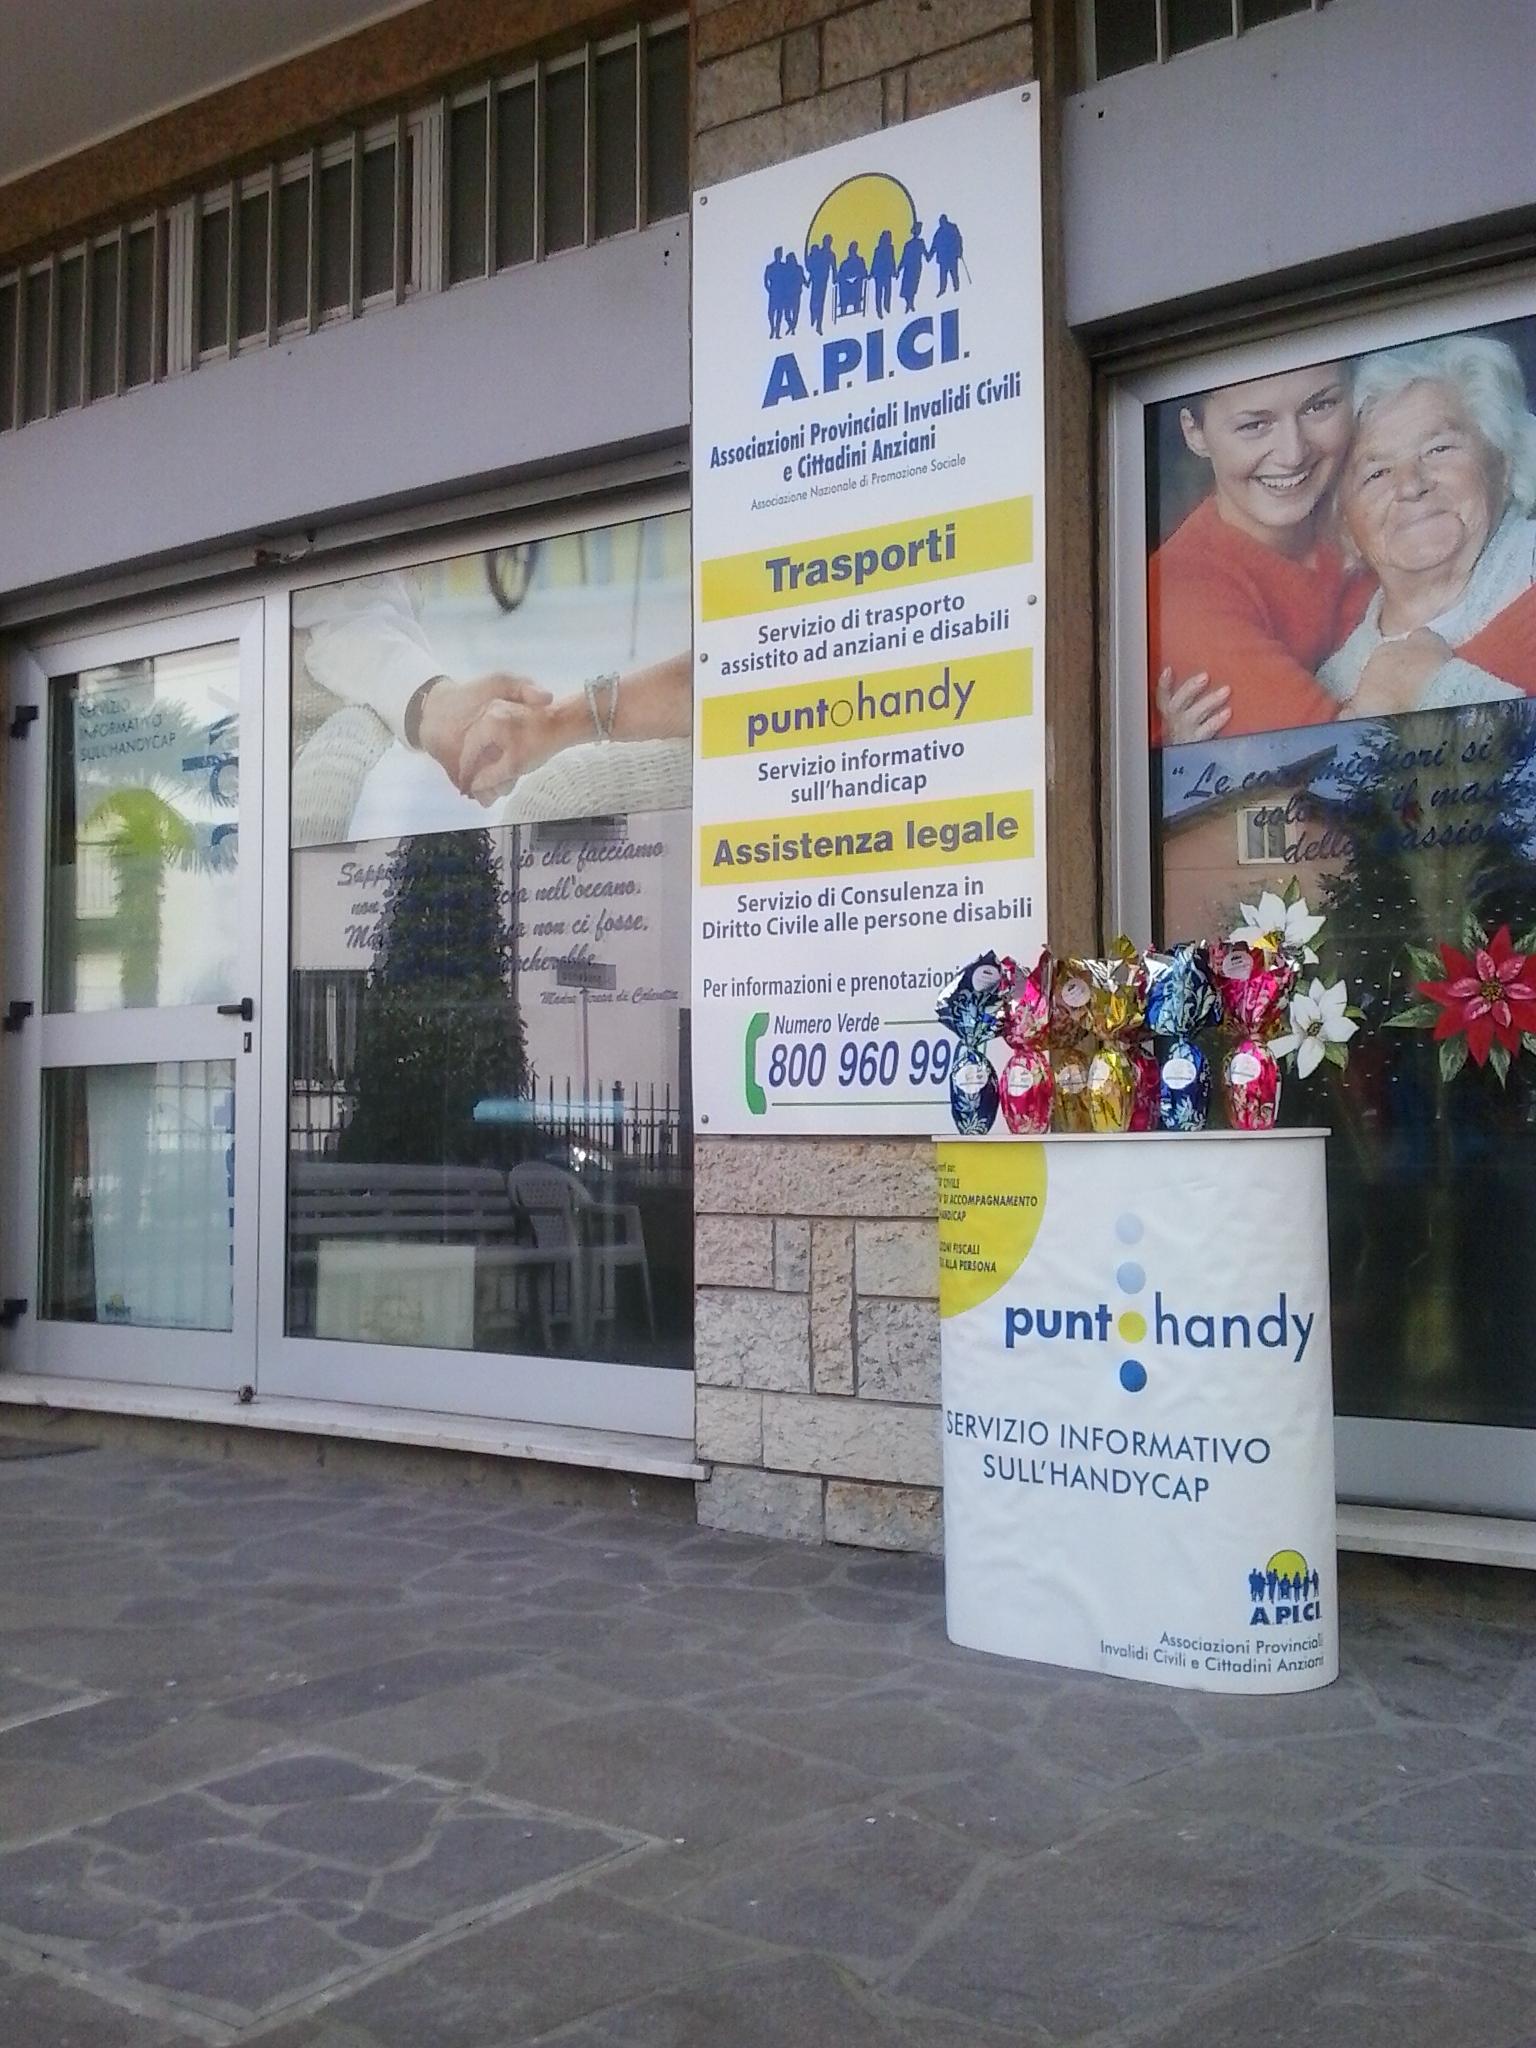 A.P.I.CI. Delegazione Rimini e Rimini calcio insieme per aiutare persone disabili e anziane.